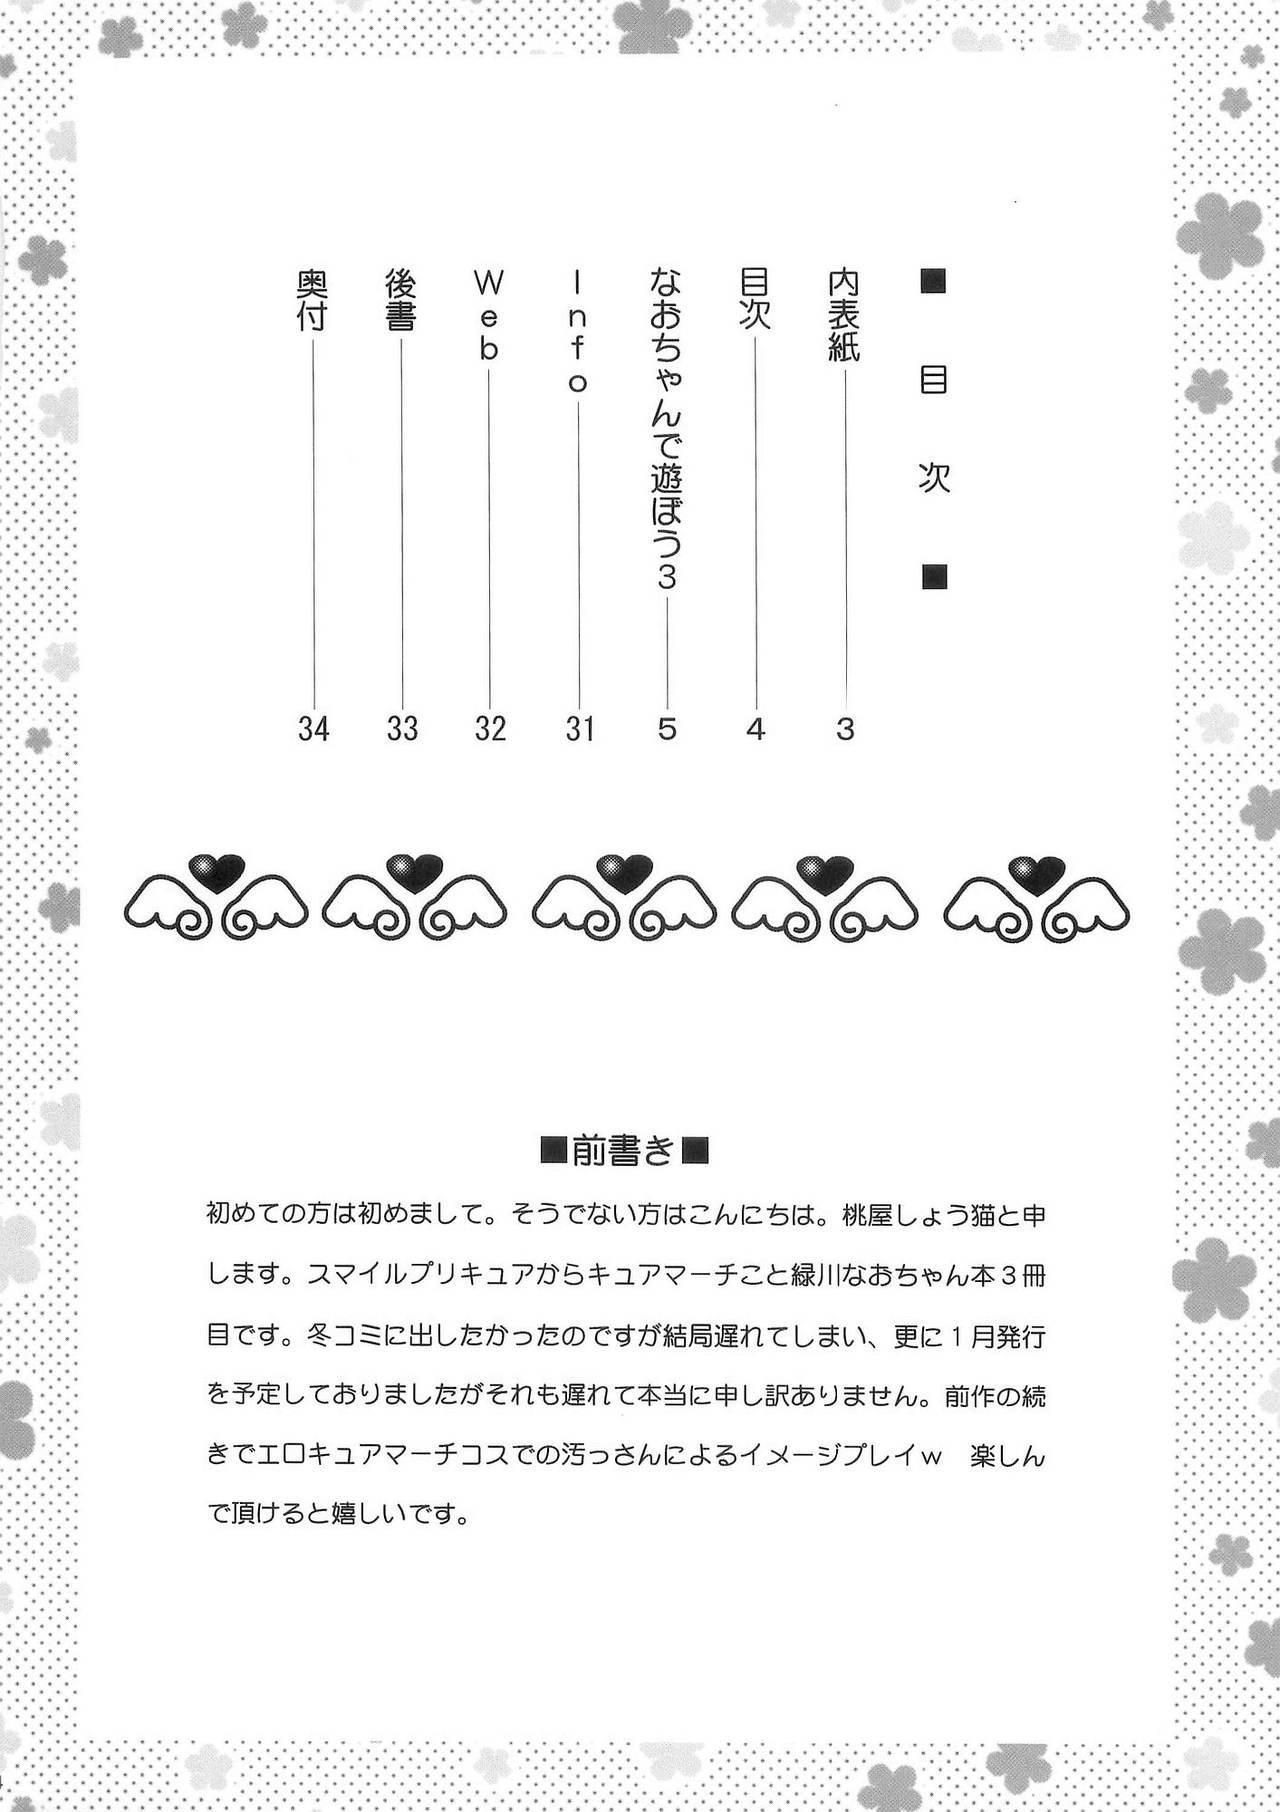 Nao-chan de Asobou 3 3